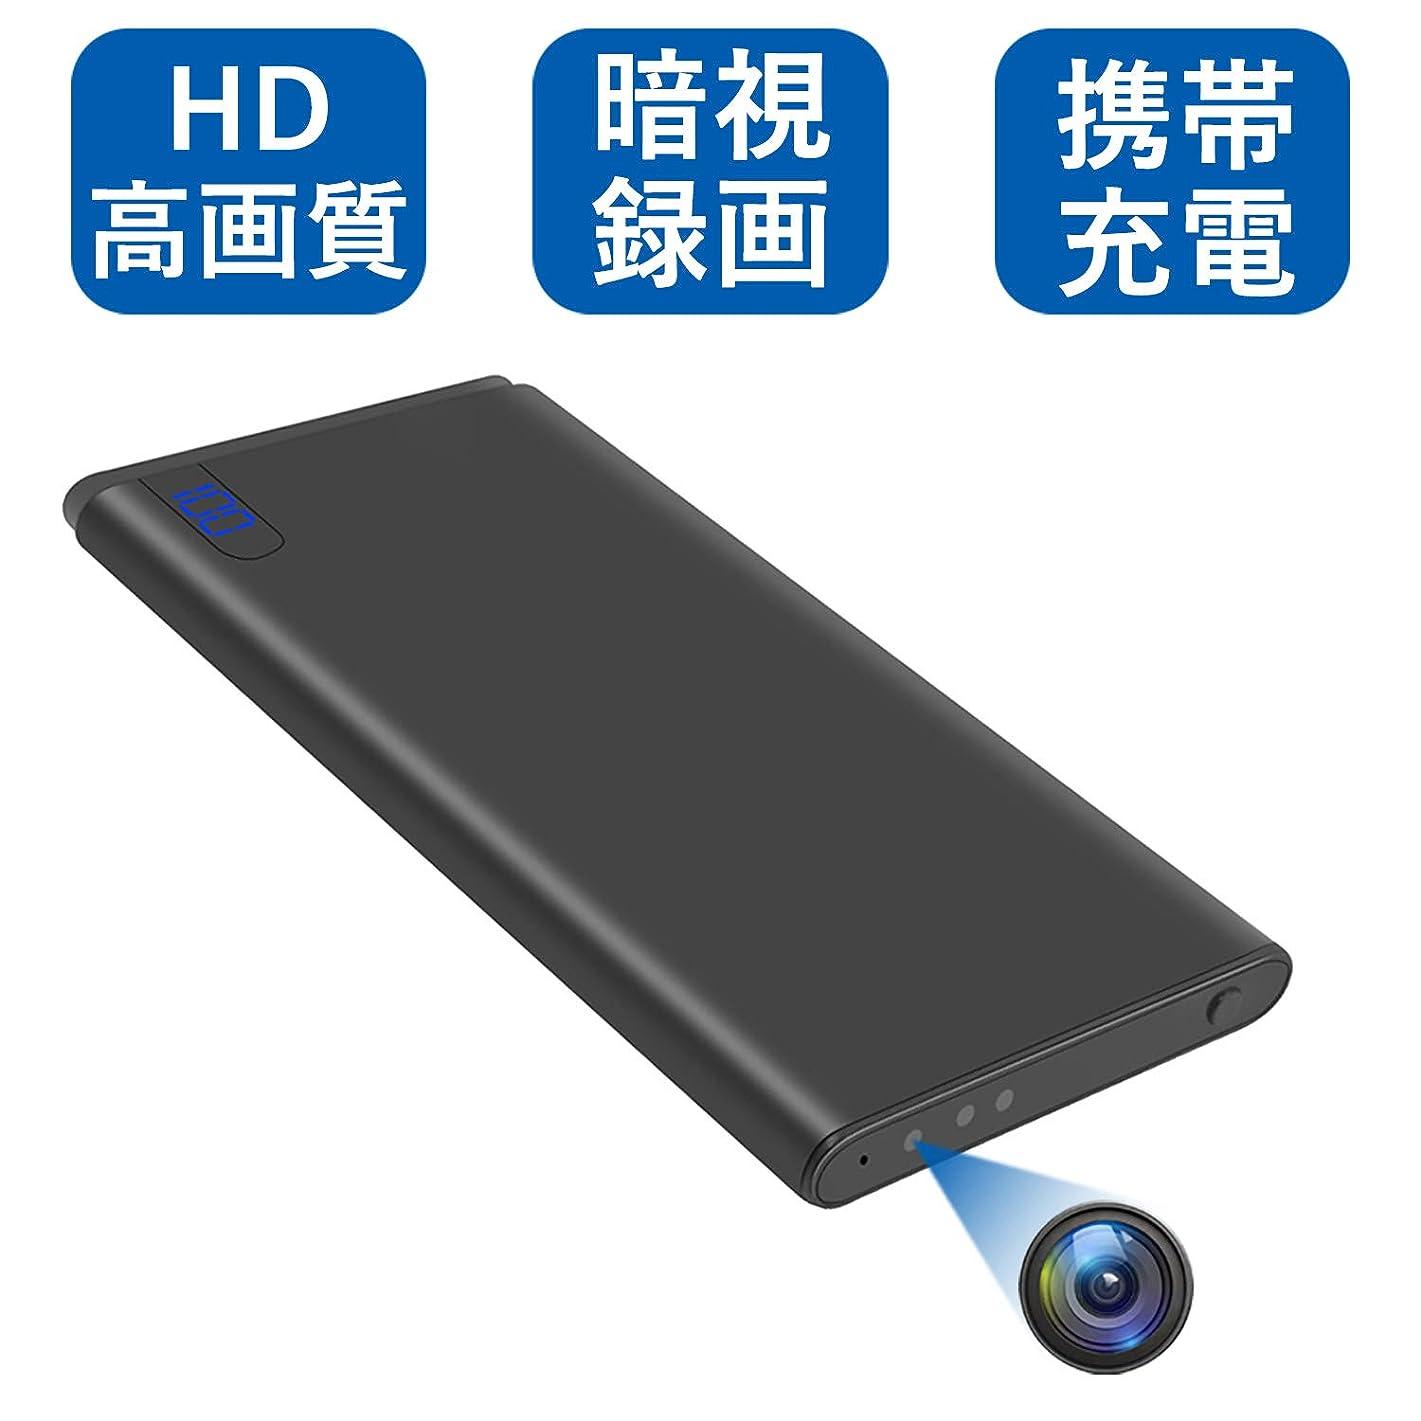 力アナニバースチール小型カメラ 隠しカメラ HD 1080P 高画質?暗視 スパイ監視 カメラ 長時間録画 防犯監視カメラ モバイルバッテリー型カメラ 大容量 軽量 薄型